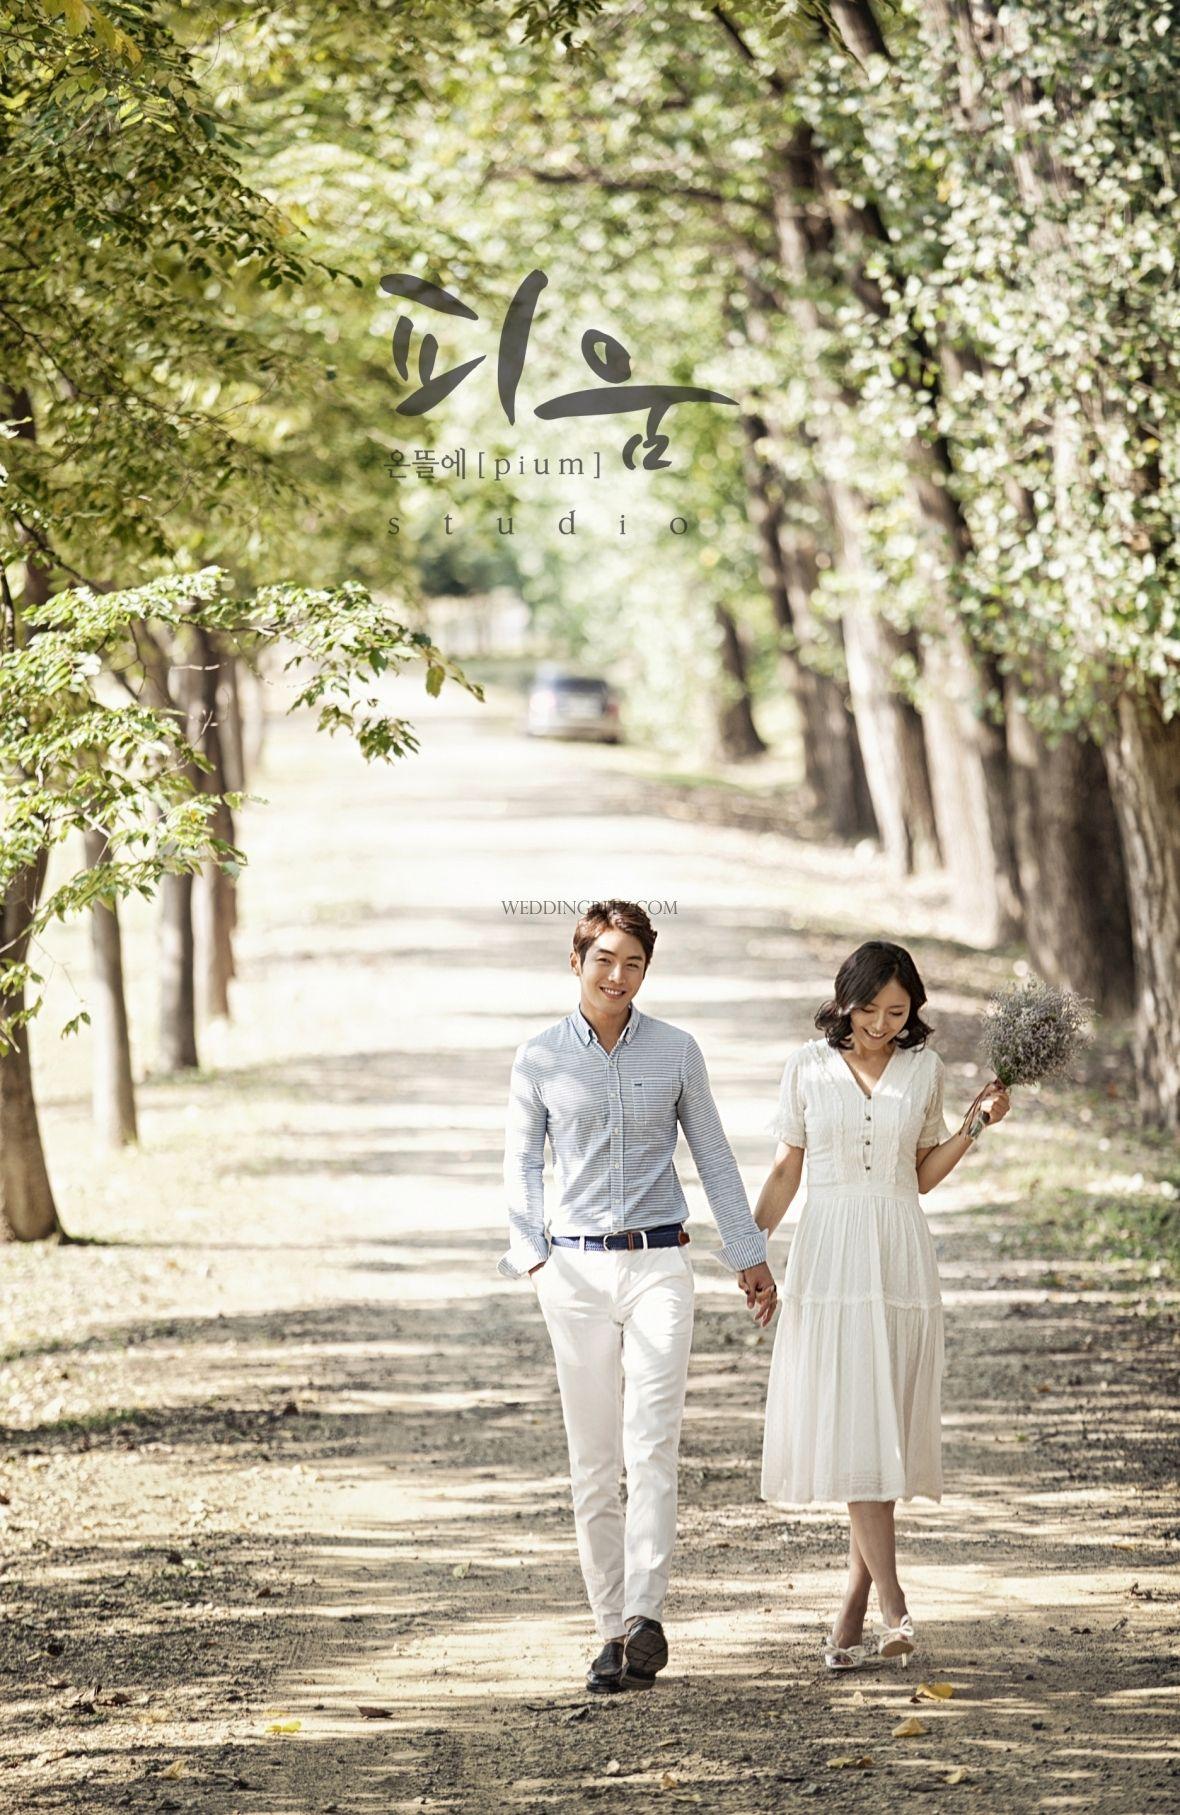 Hello guys. Here are some korea prewedding outdoor